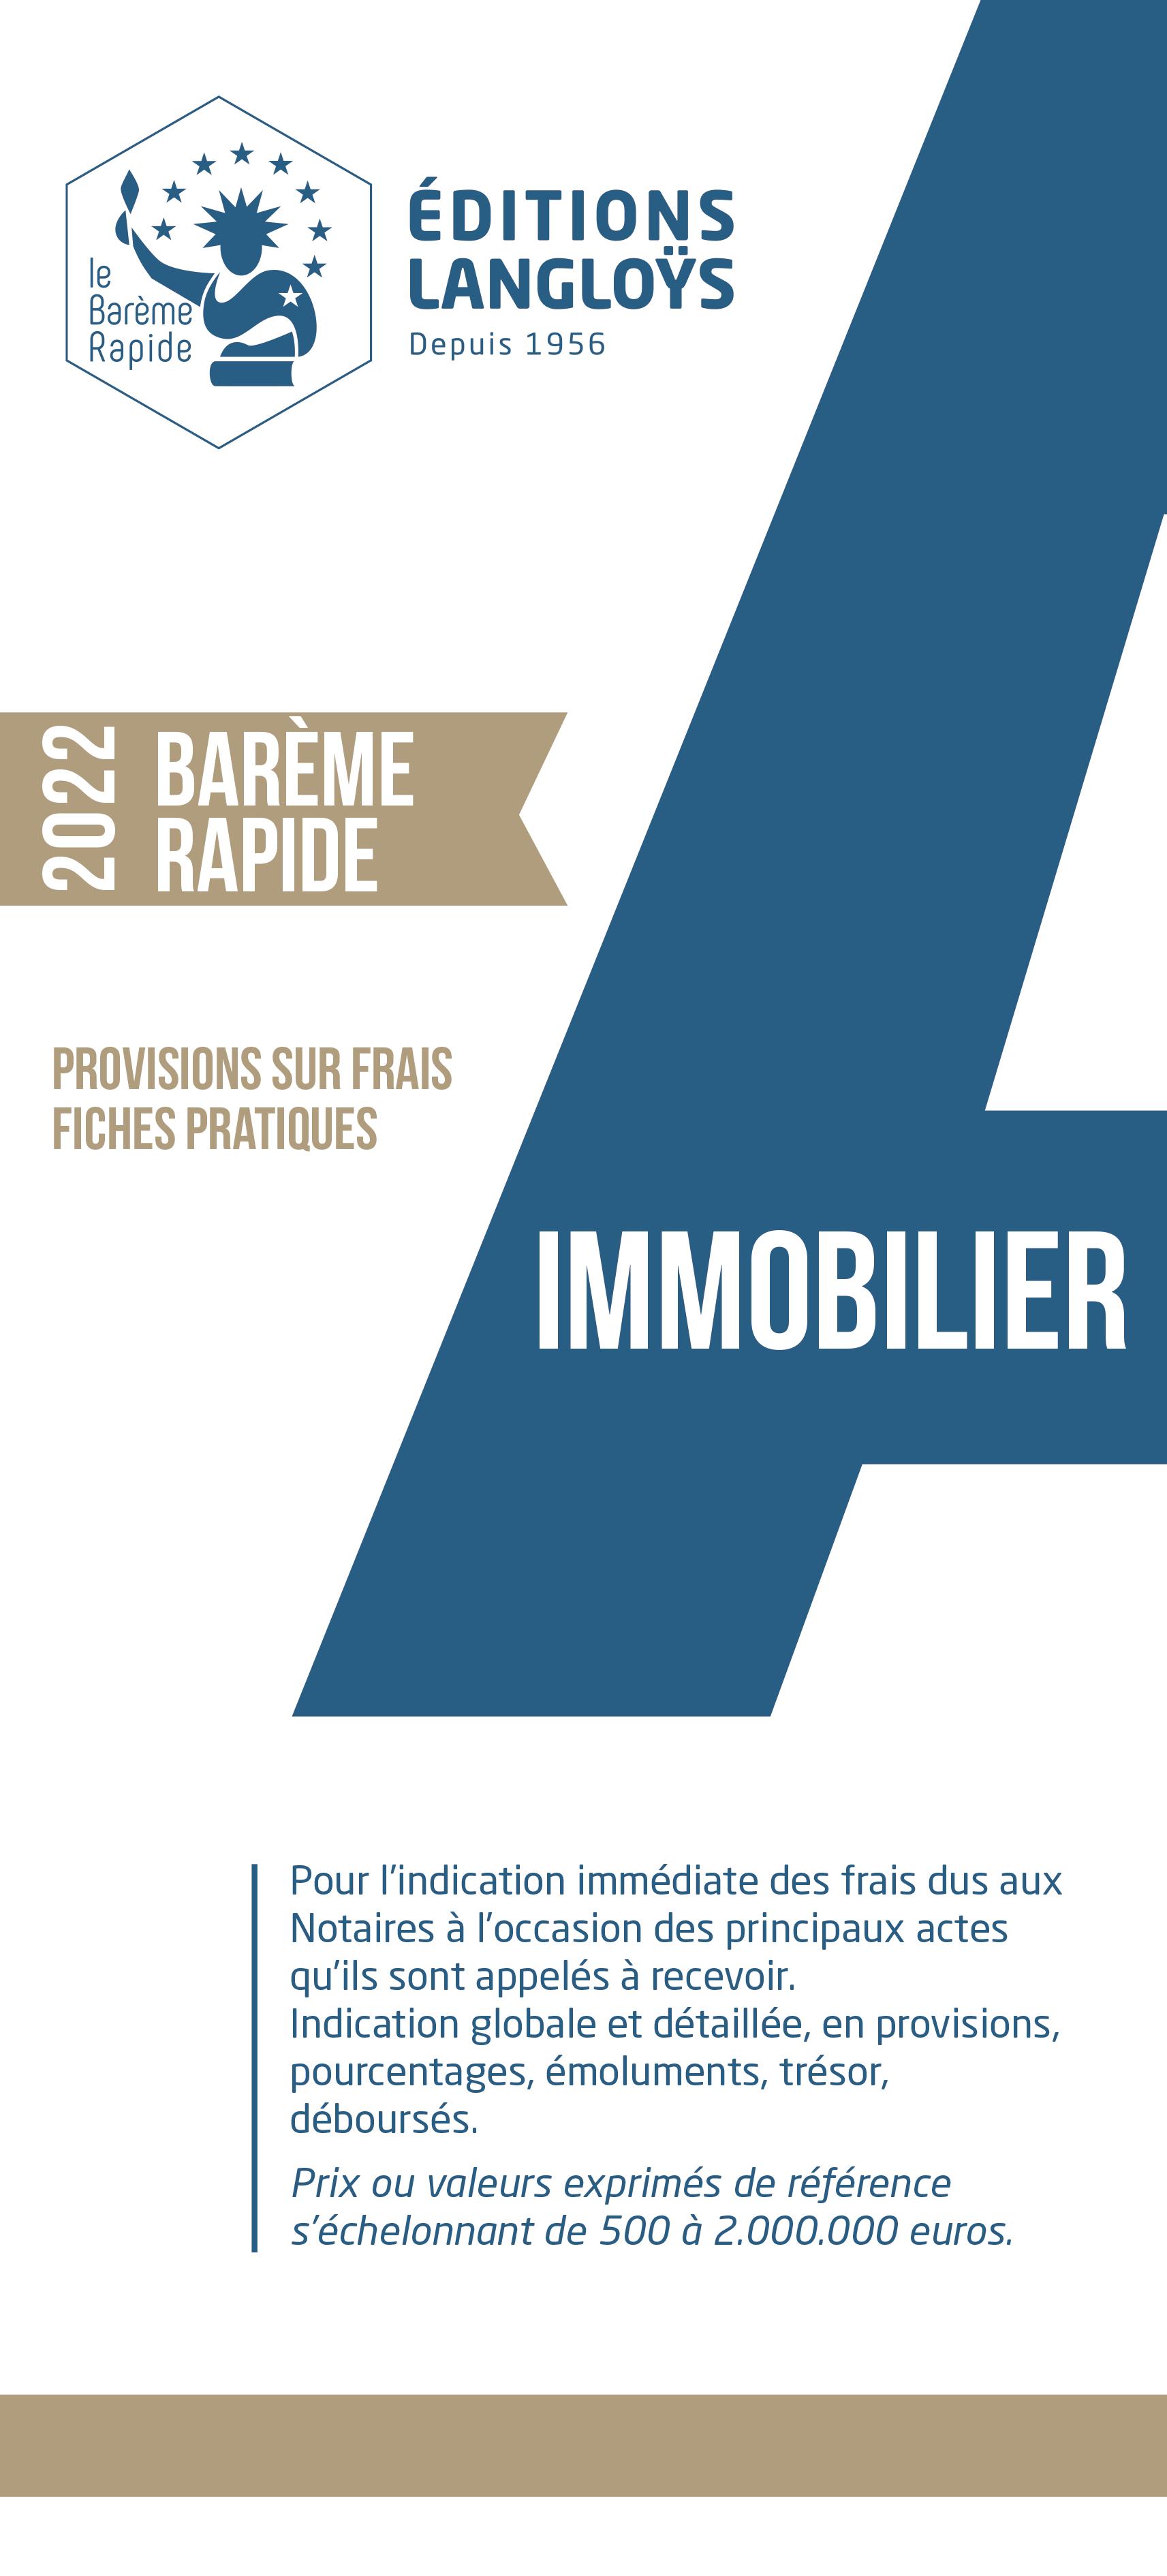 2022 - Barème Rapide Immo